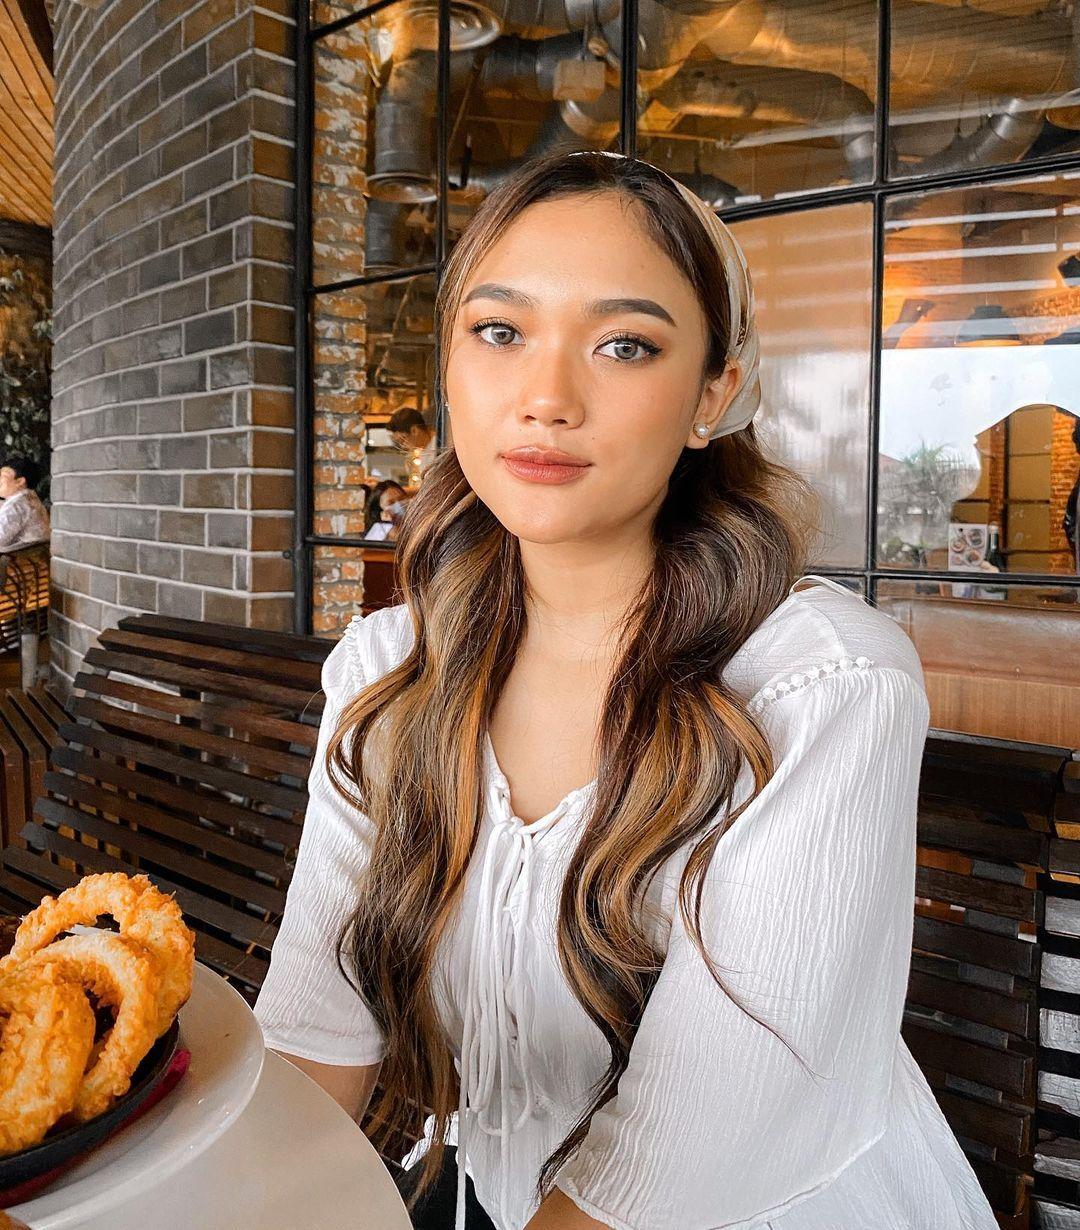 Ultah ke 21, Intip Transformasi Marion Jola yang Lugu jadi Sensual